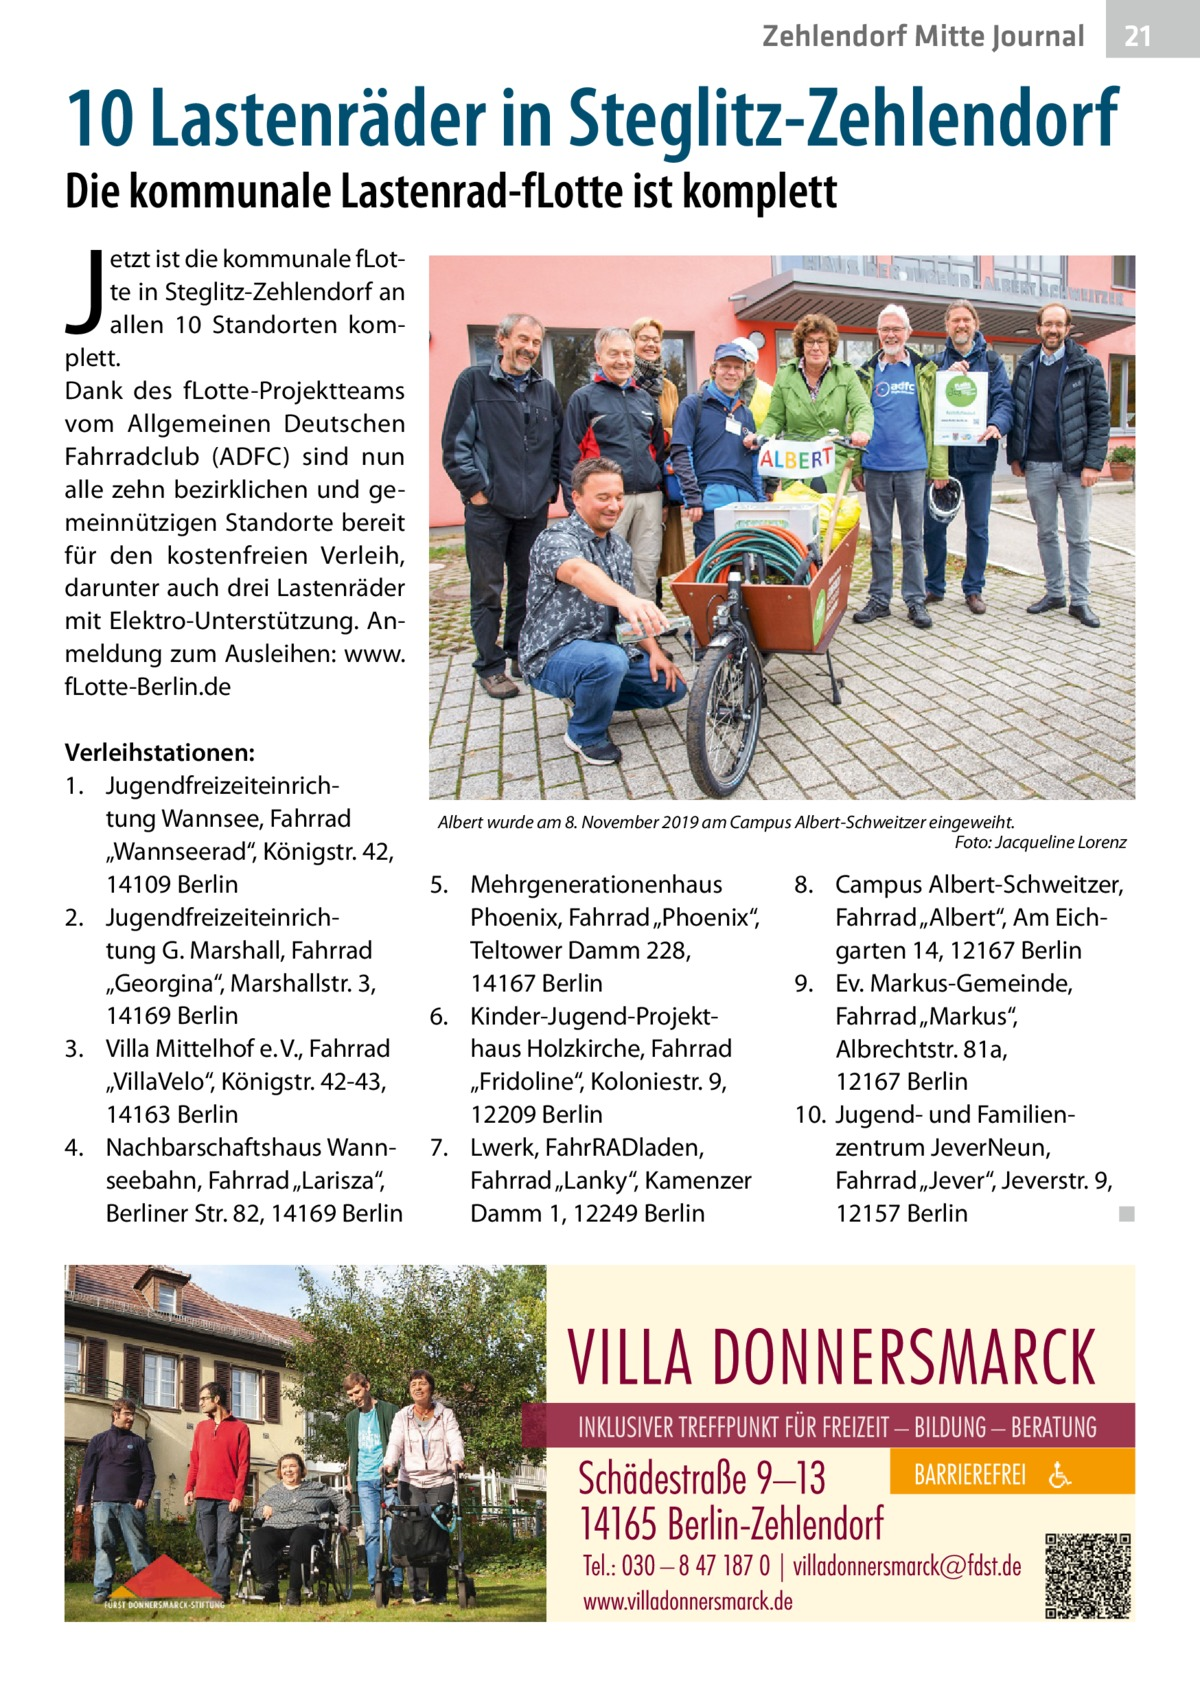 """Zehlendorf Mitte Journal  21  10 Lastenräder in Steglitz-Zehlendorf Die kommunale Lastenrad-fLotte ist komplett  J  etzt ist die kommunale fLotte in Steglitz-Zehlendorf an allen 10 Standorten komplett. Dank des fLotte-Projektteams vom Allgemeinen Deutschen Fahrradclub (ADFC) sind nun alle zehn bezirklichen und gemeinnützigen Standorte bereit für den kostenfreien Verleih, darunter auch drei Lastenräder mit Elektro-Unterstützung. Anmeldung zum Ausleihen: www. fLotte-Berlin.de Verleihstationen: 1. Jugendfreizeiteinrichtung Wannsee, Fahrrad """"Wannseerad"""", Königstr.42, 14109Berlin 2. Jugendfreizeiteinrichtung G. Marshall, Fahrrad """"Georgina"""", Marshallstr.3, 14169Berlin 3. Villa Mittelhof e. V., Fahrrad """"VillaVelo"""", Königstr.42-43, 14163Berlin 4. Nachbarschaftshaus Wannseebahn, Fahrrad """"Larisza"""", Berliner Str.82, 14169Berlin  Albert wurde am 8. November 2019 am Campus Albert-Schweitzer eingeweiht. Foto: Jacqueline Lorenz  5. Mehrgenerationenhaus Phoenix, Fahrrad """"Phoenix"""", Teltower Damm228, 14167Berlin 6. Kinder-Jugend-Projekthaus Holzkirche, Fahrrad """"Fridoline"""", Koloniestr.9, 12209Berlin 7. Lwerk, FahrRADladen, Fahrrad """"Lanky"""", Kamenzer Damm1, 12249Berlin  8. Campus Albert-Schweitzer, Fahrrad """"Albert"""", Am Eichgarten 14, 12167Berlin 9. Ev. Markus-Gemeinde, Fahrrad """"Markus"""", Albrechtstr.81a, 12167Berlin 10. Jugend- und Familienzentrum JeverNeun, Fahrrad """"Jever"""", Jeverstr.9, 12157Berlin ◾"""